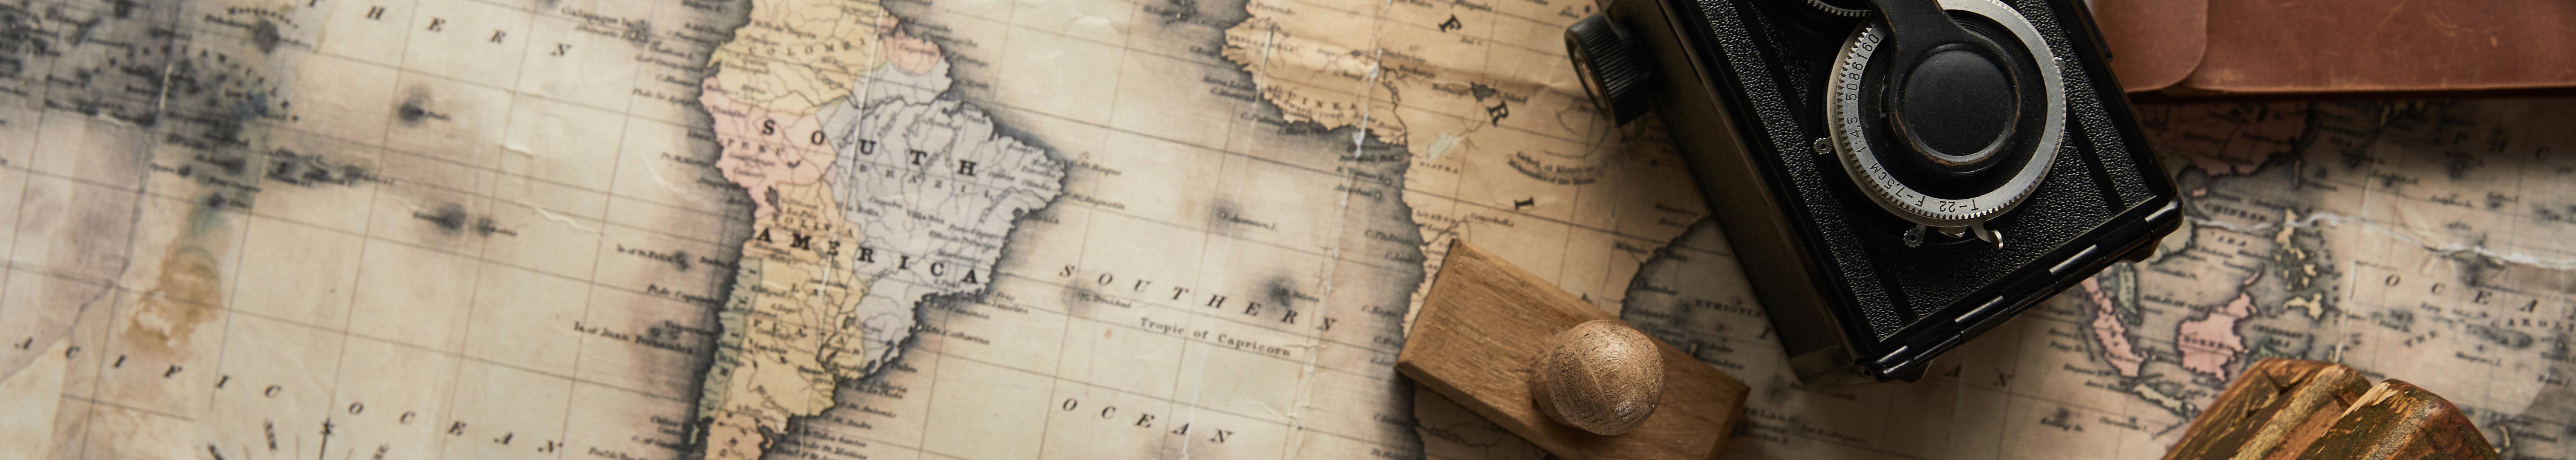 Fototapeta mapa świata do pokoju młodzieżowego